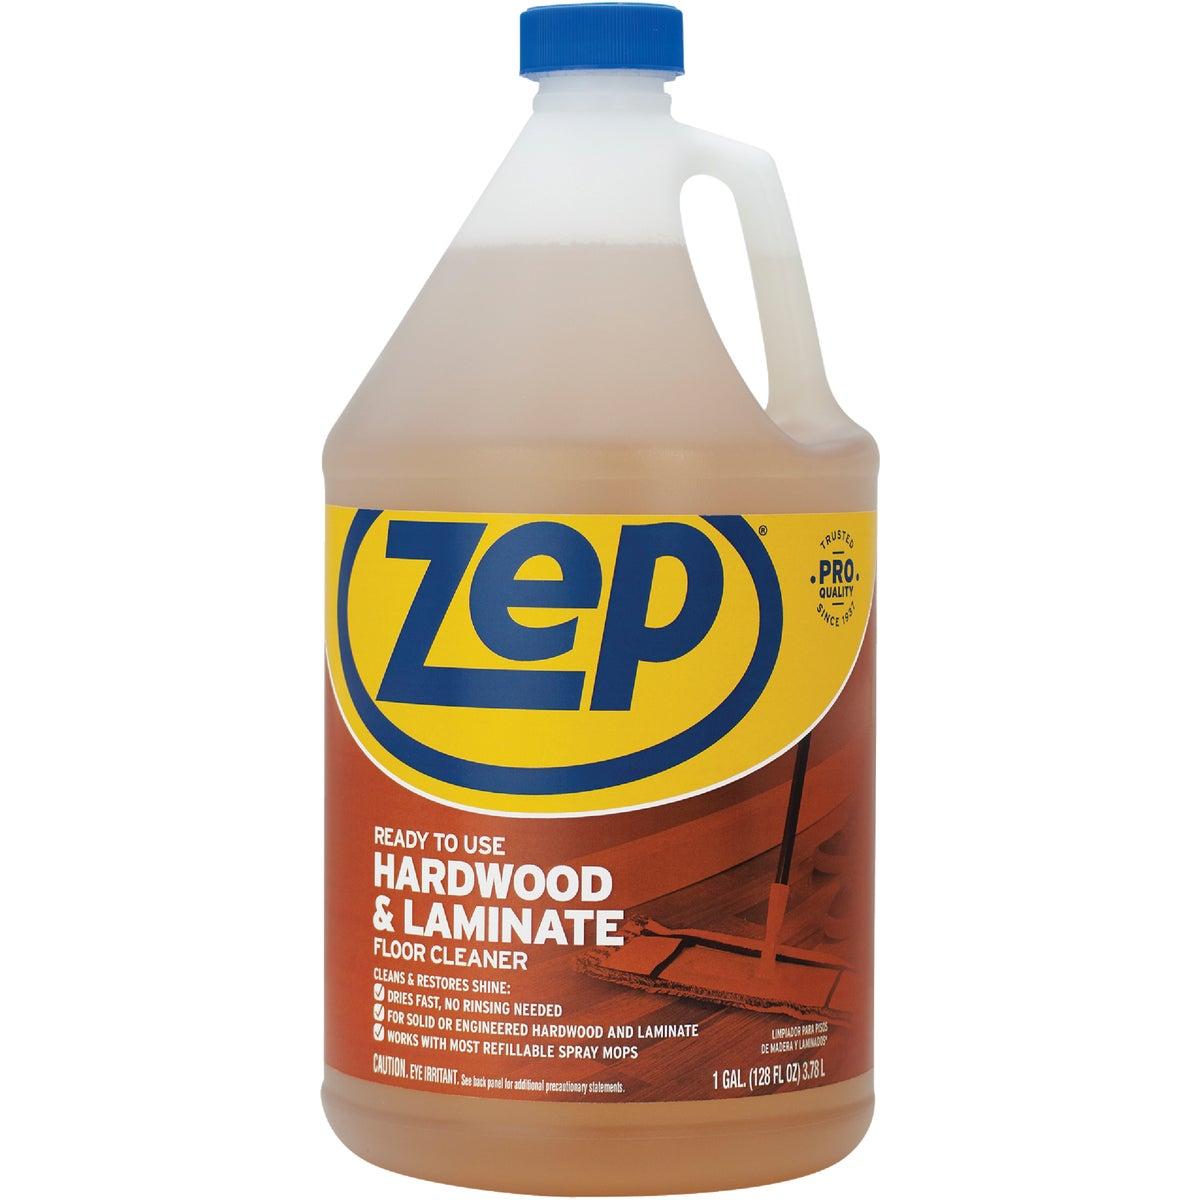 Zep Commercial Wood Floor Cleaner